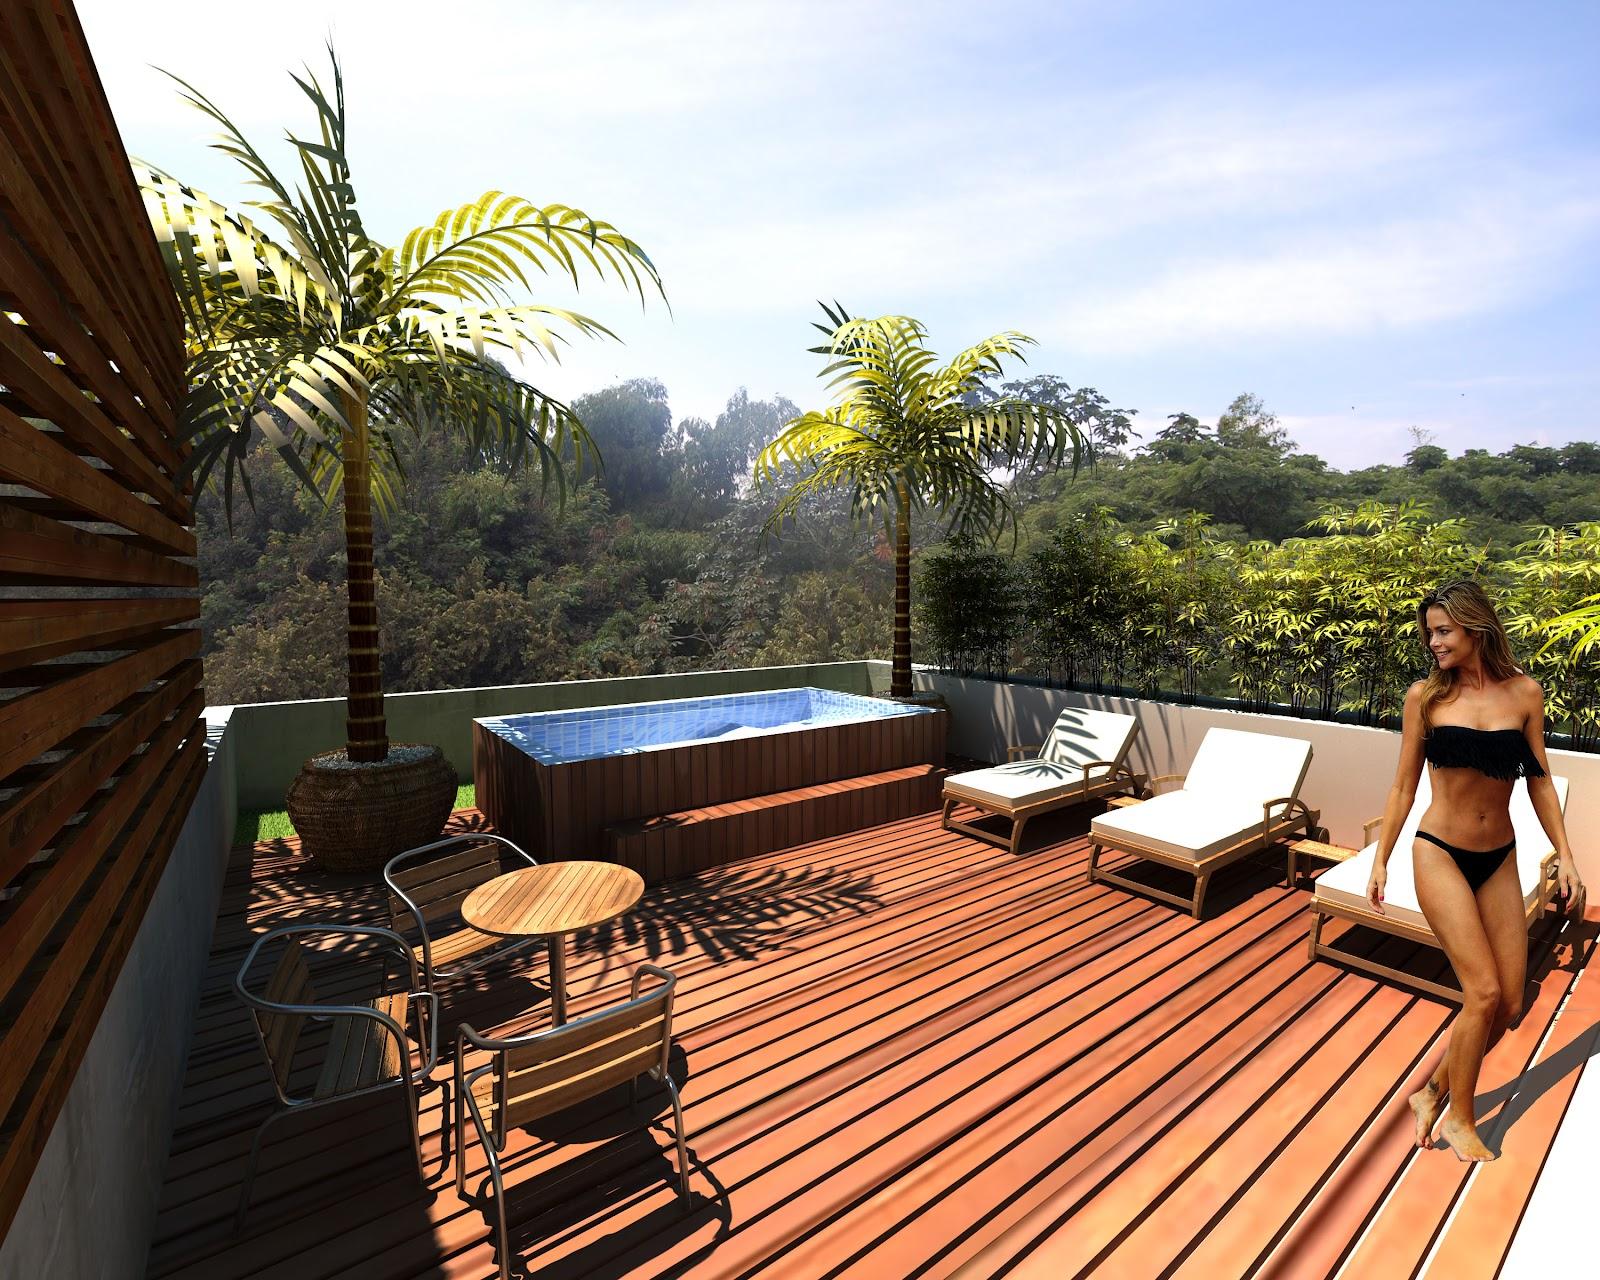 Diversificar s a constructora octubre 2012 - Jacuzzi en terraza ...